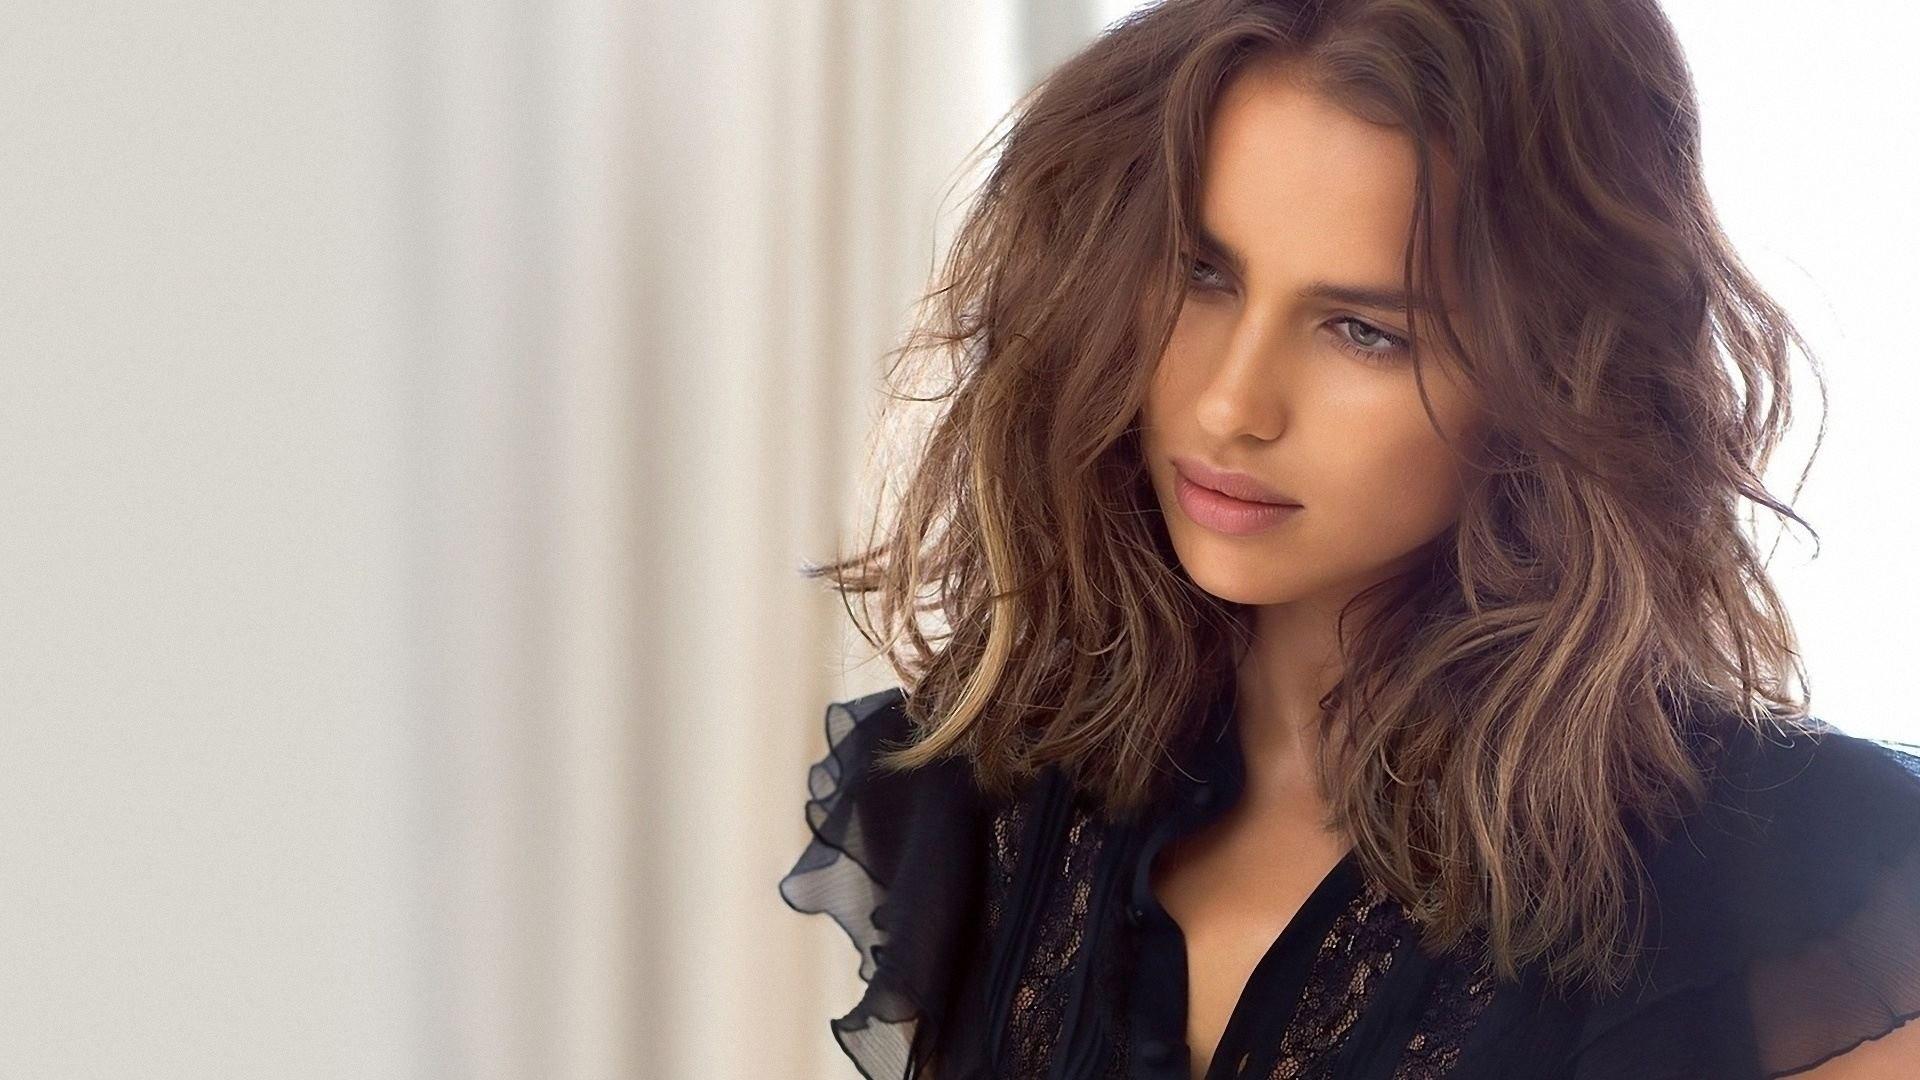 потом, теперь фото русских знаменитых девушек моделей увидеть, как